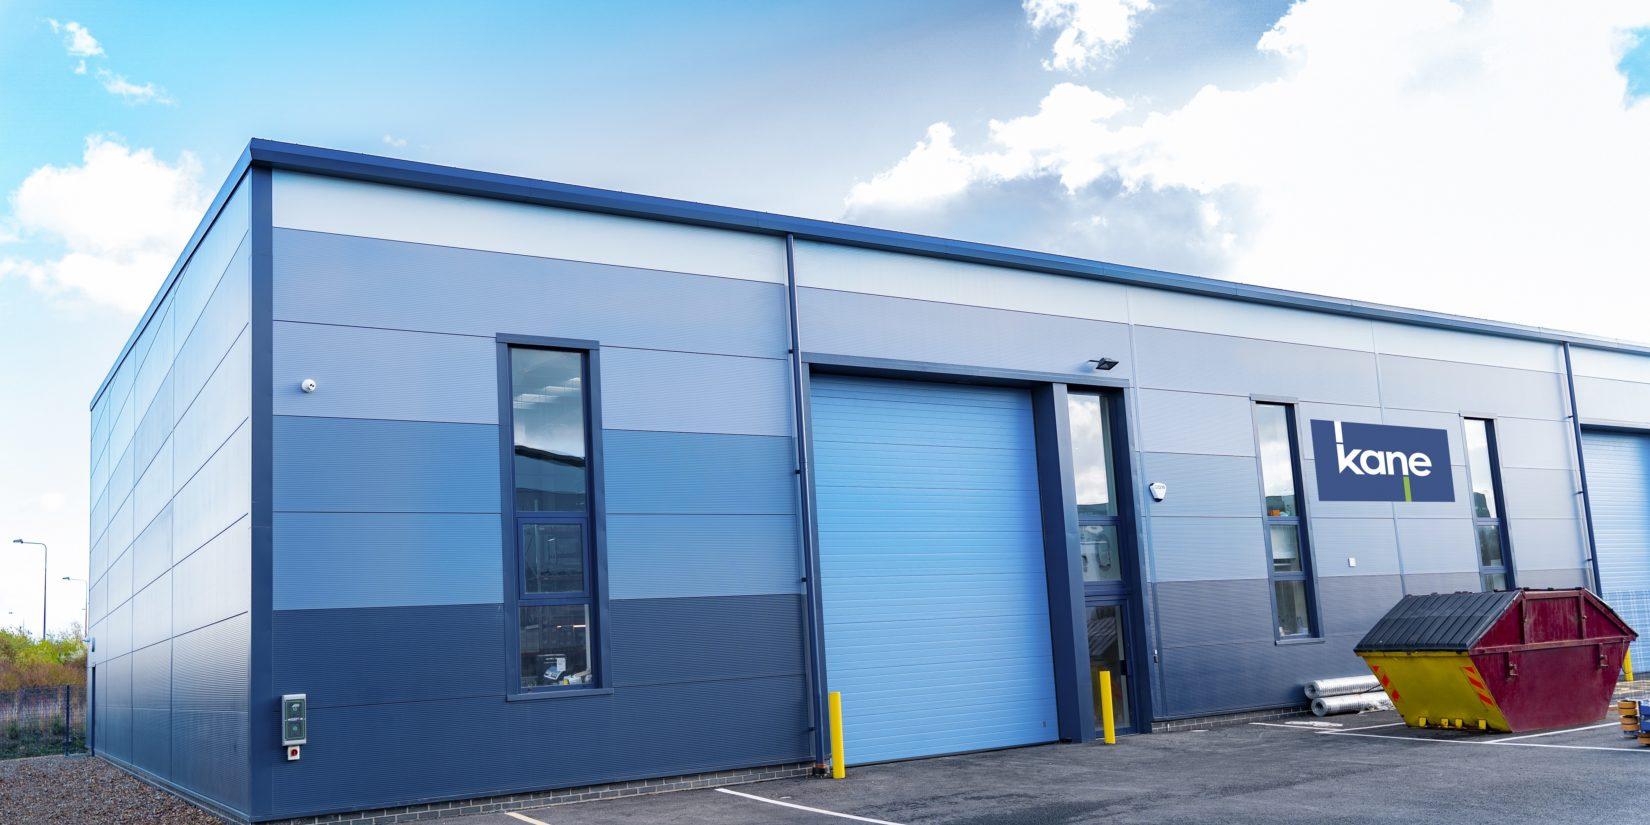 Kane warehouse 1